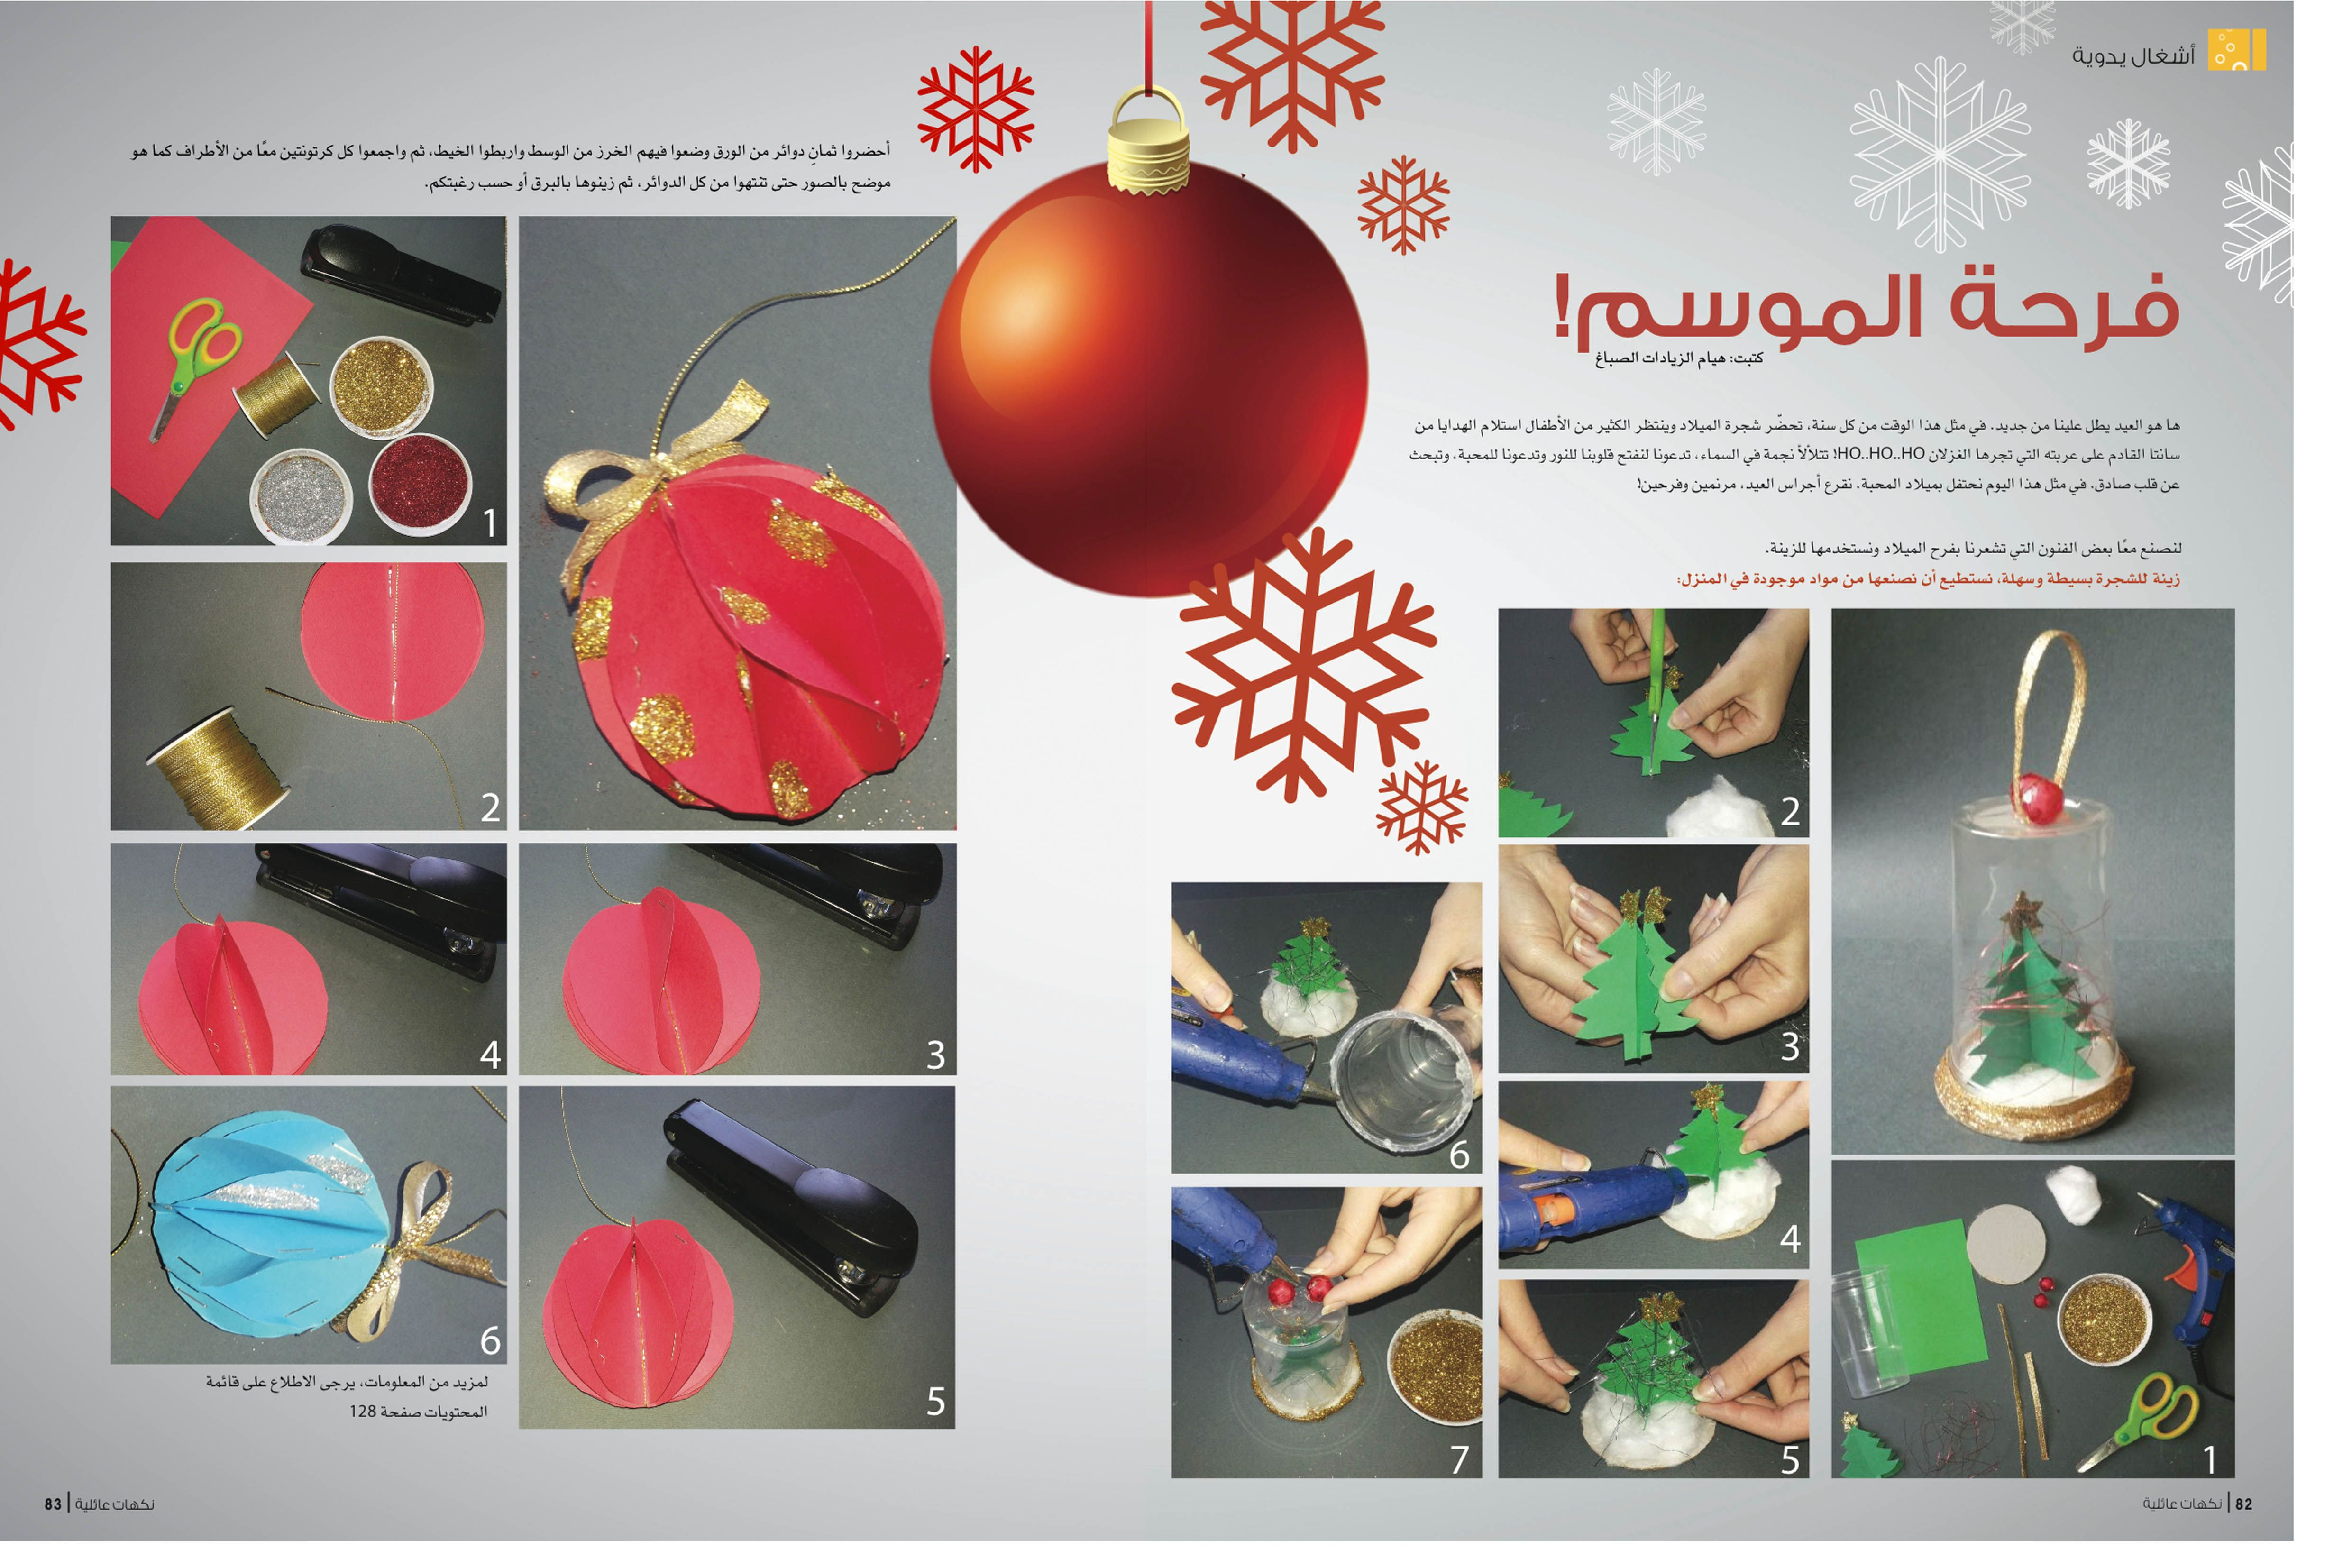 فنون يدوية بسيطة لصنع أجمل زينة لشجرة عيد الميلاد المجيد Birthday Delight